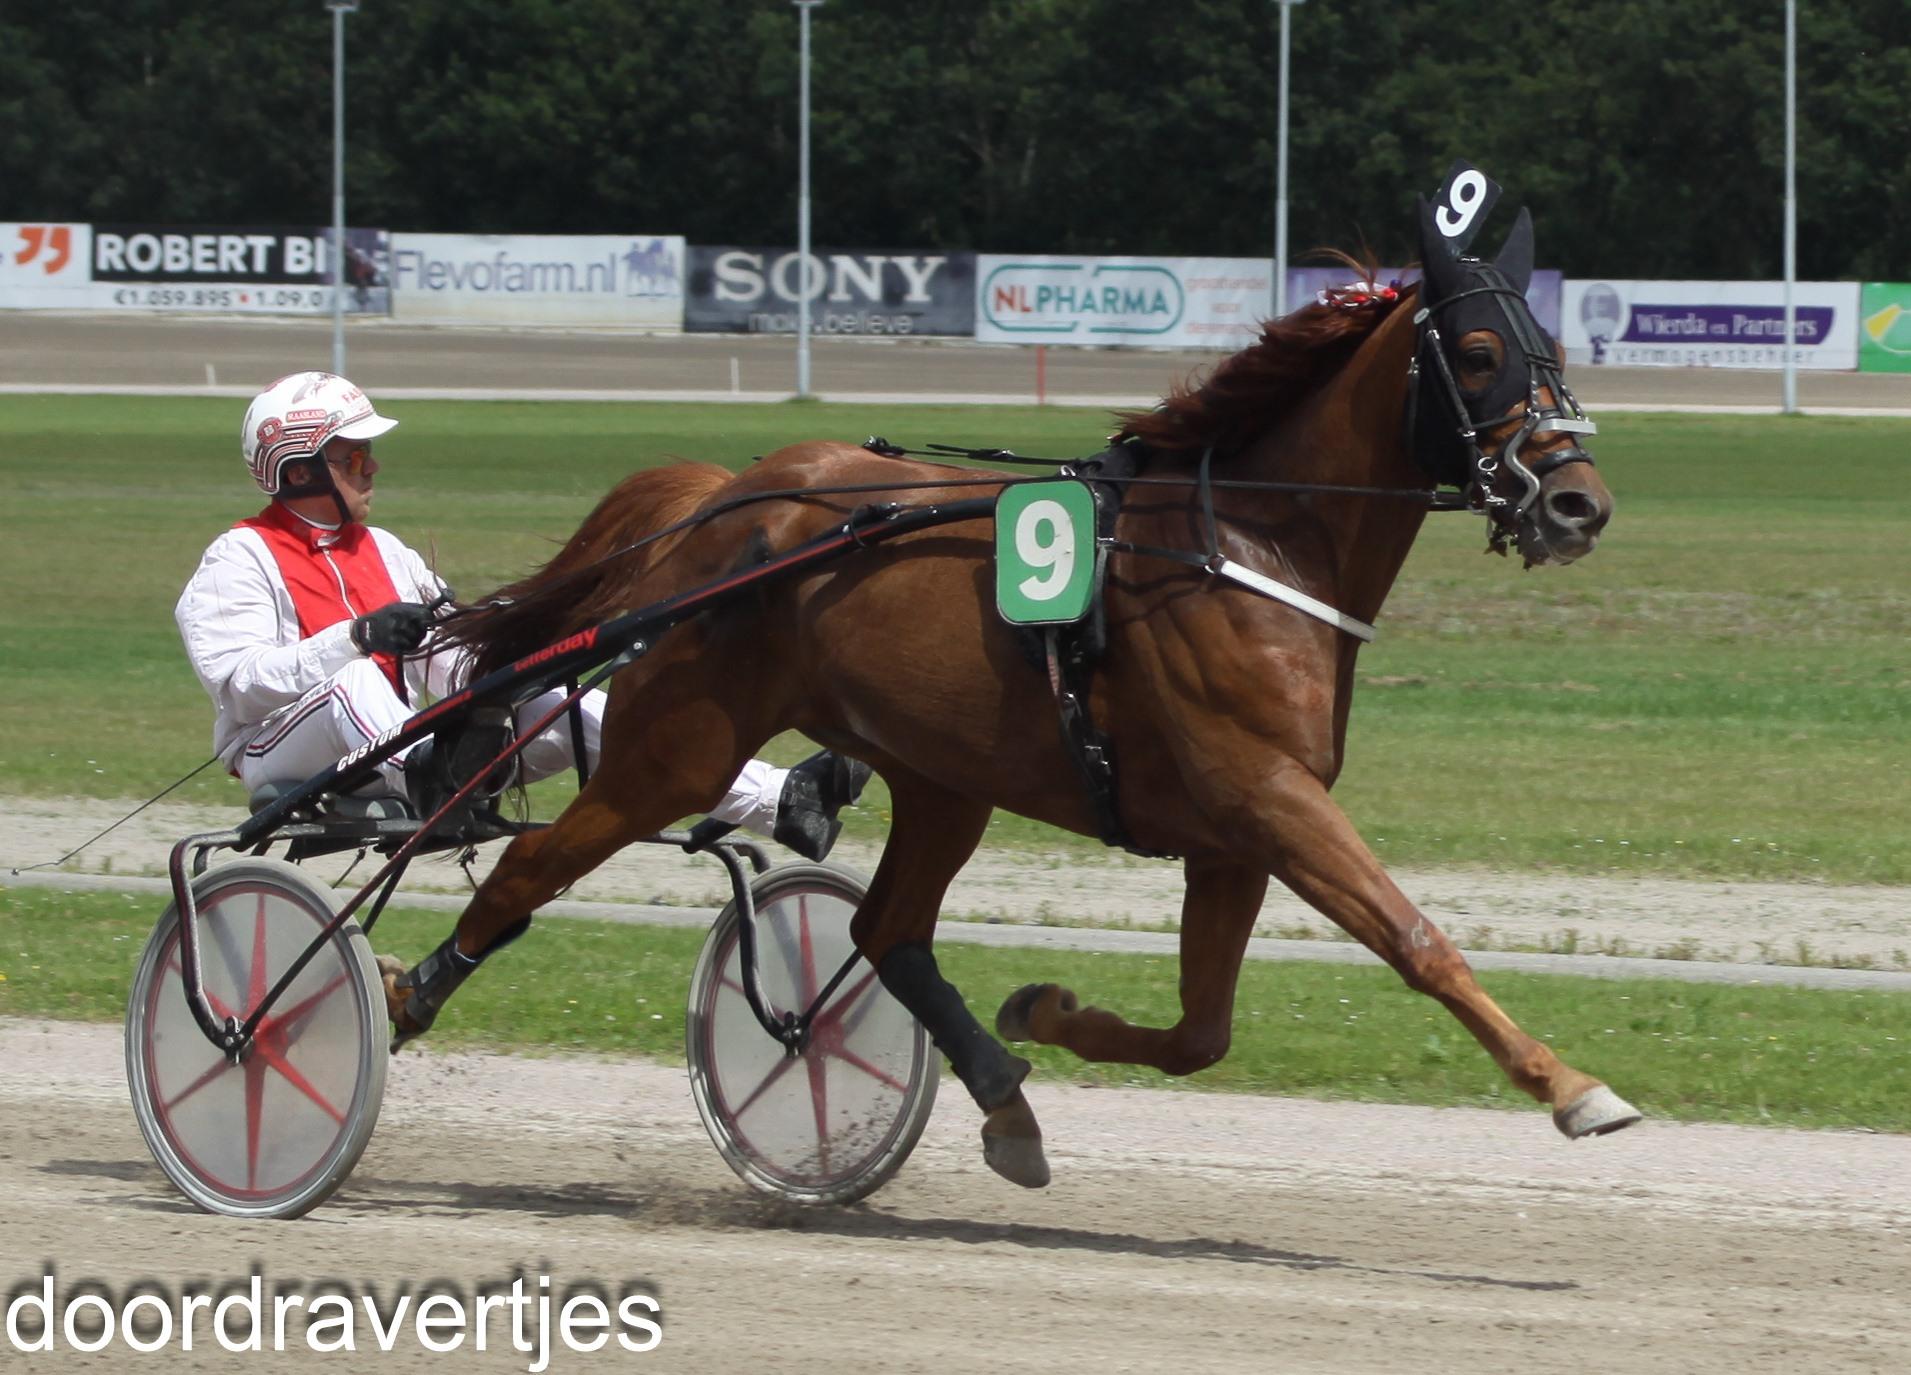 Standen Wolvega, Droit au Coeur beste paard!